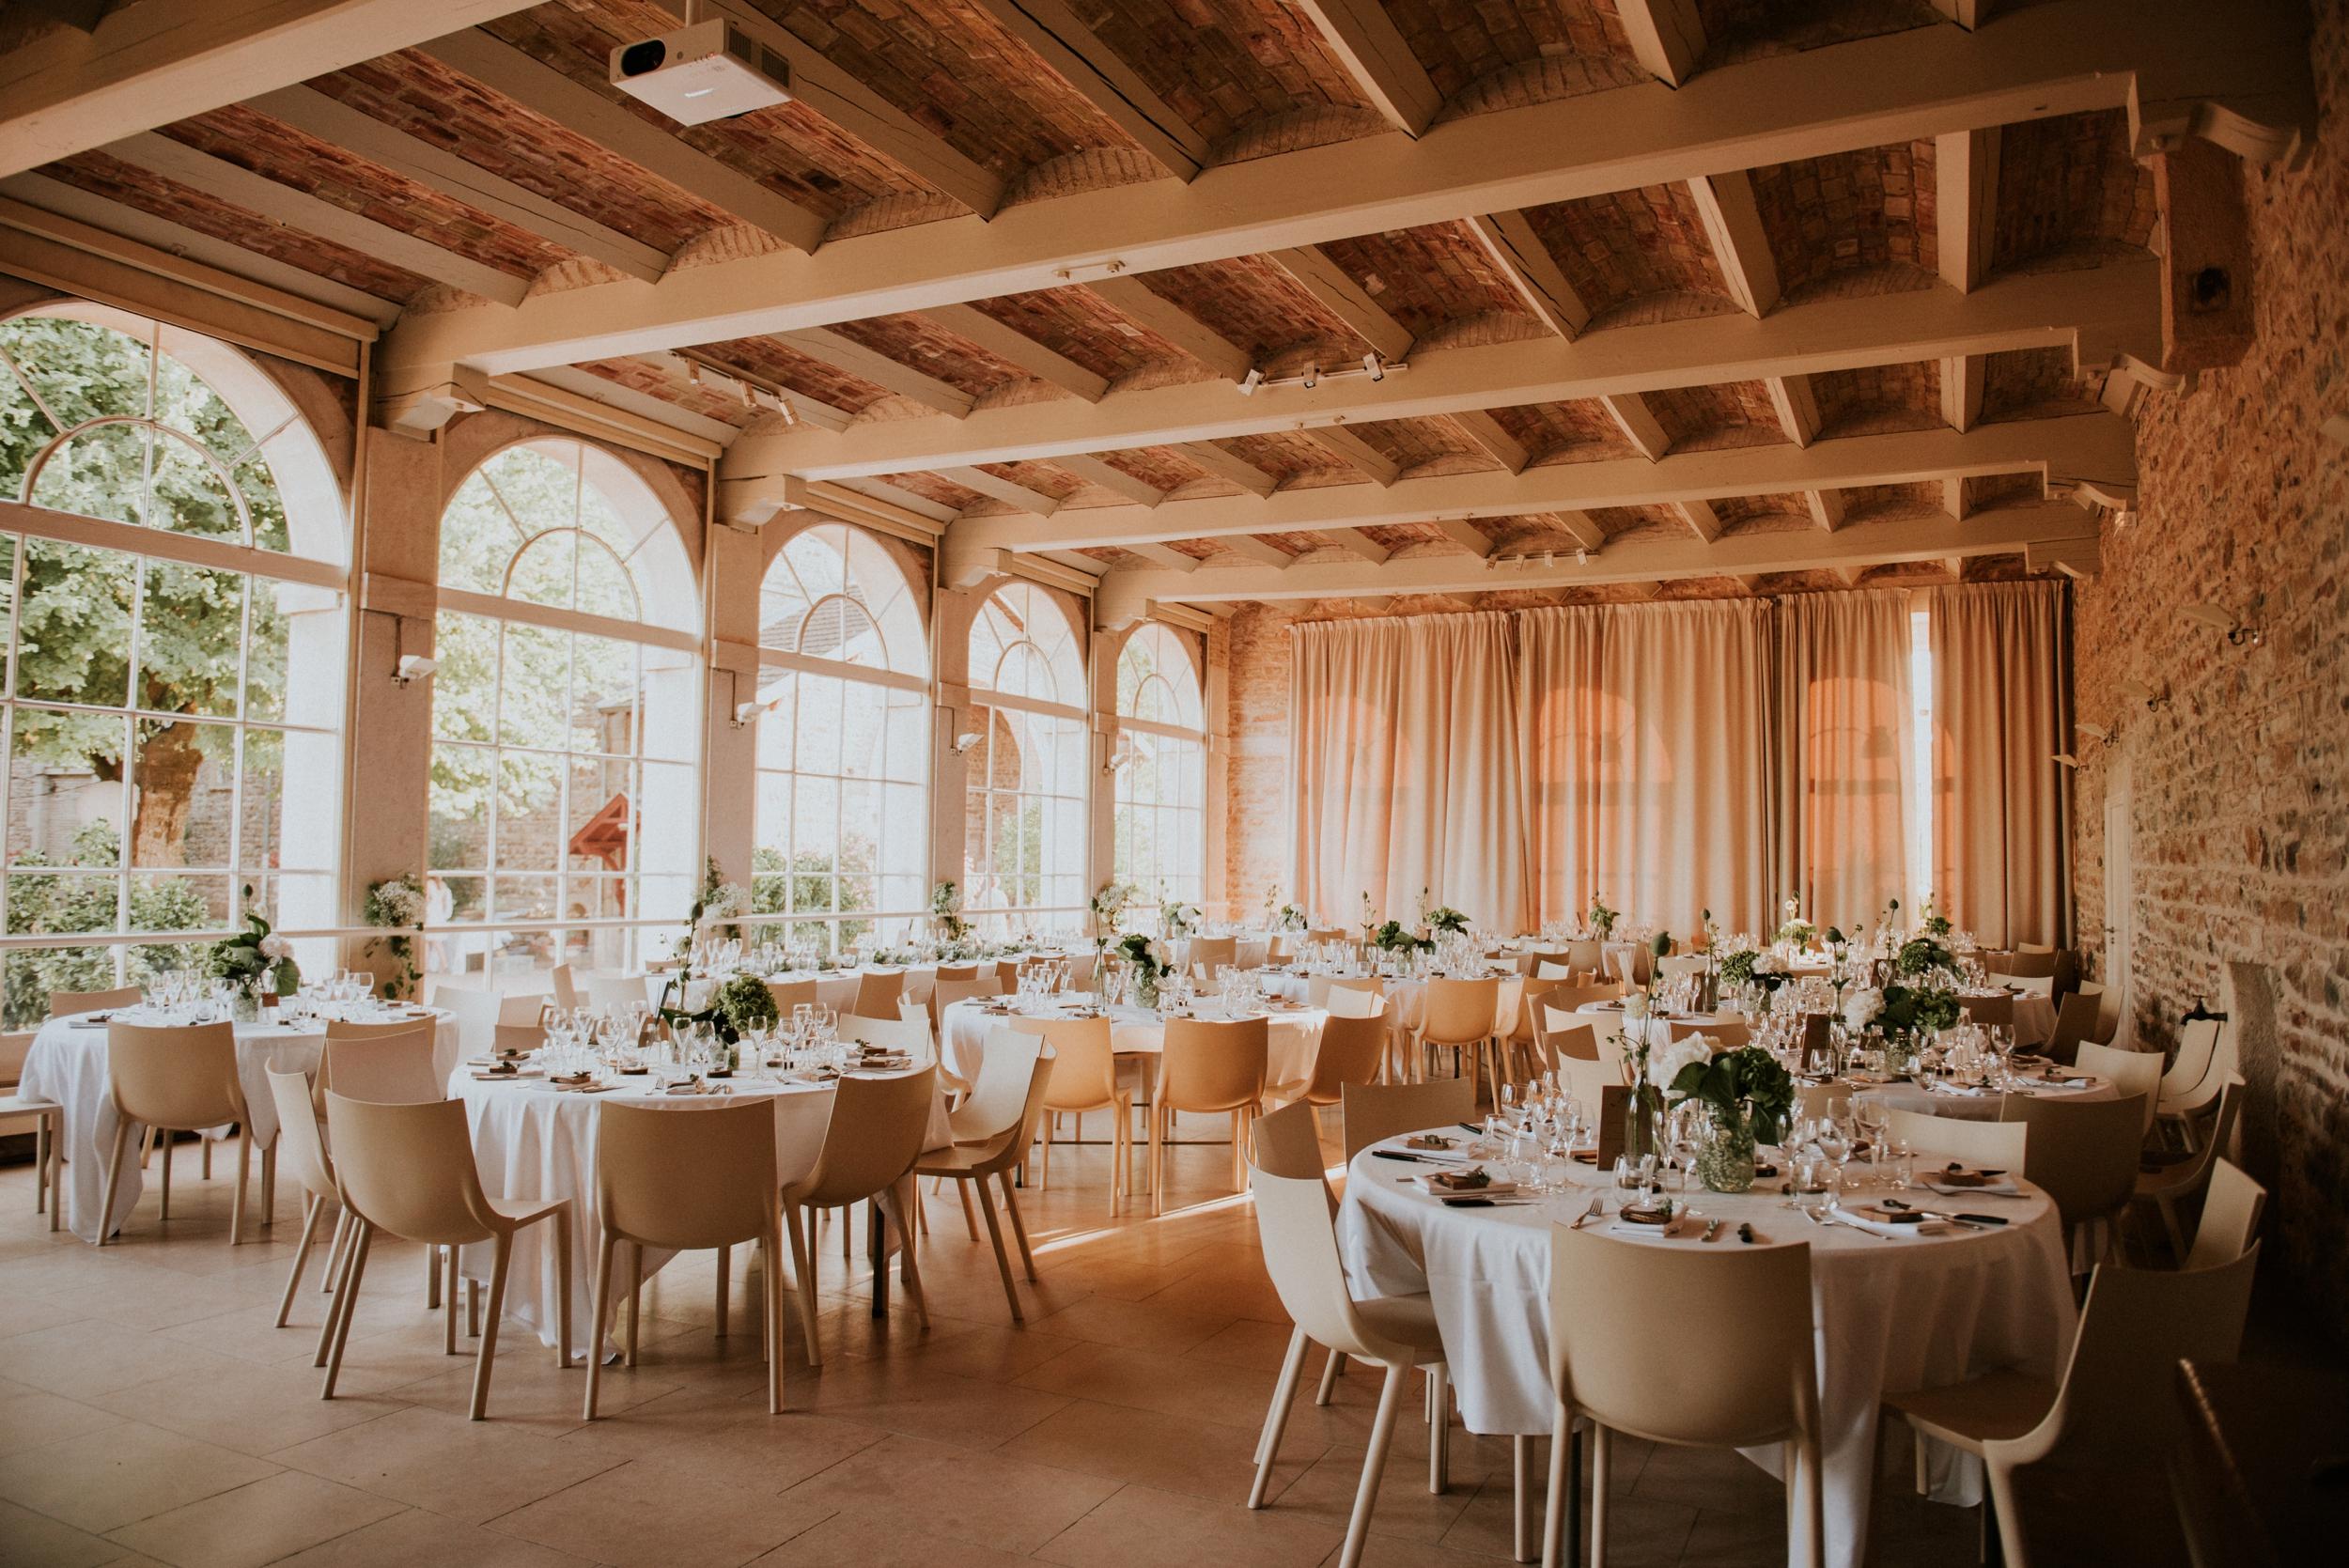 photographe mariage rhone alpes grenoble lyon annecy geneve montagne ceremonie laique_0040